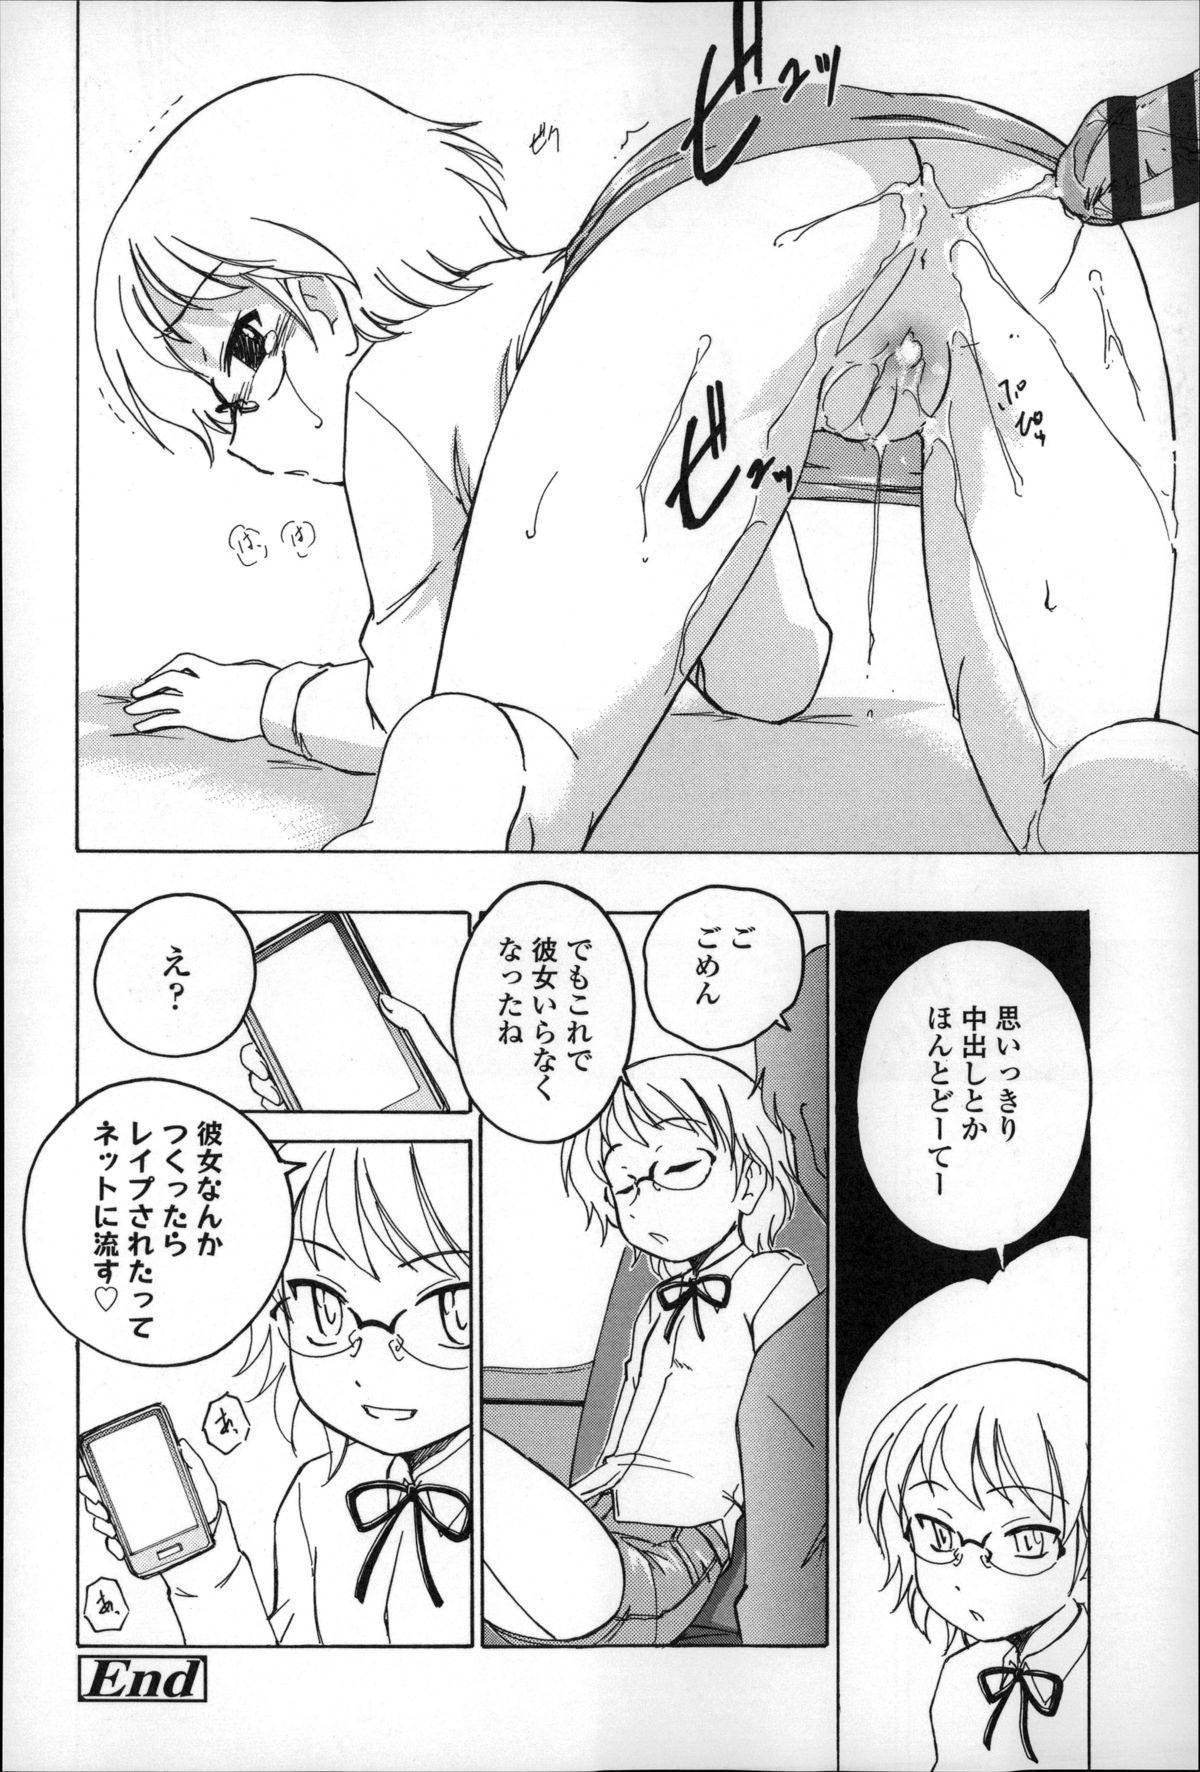 Youshou no Hana no Himitsu - The secret of Girls flowers 67